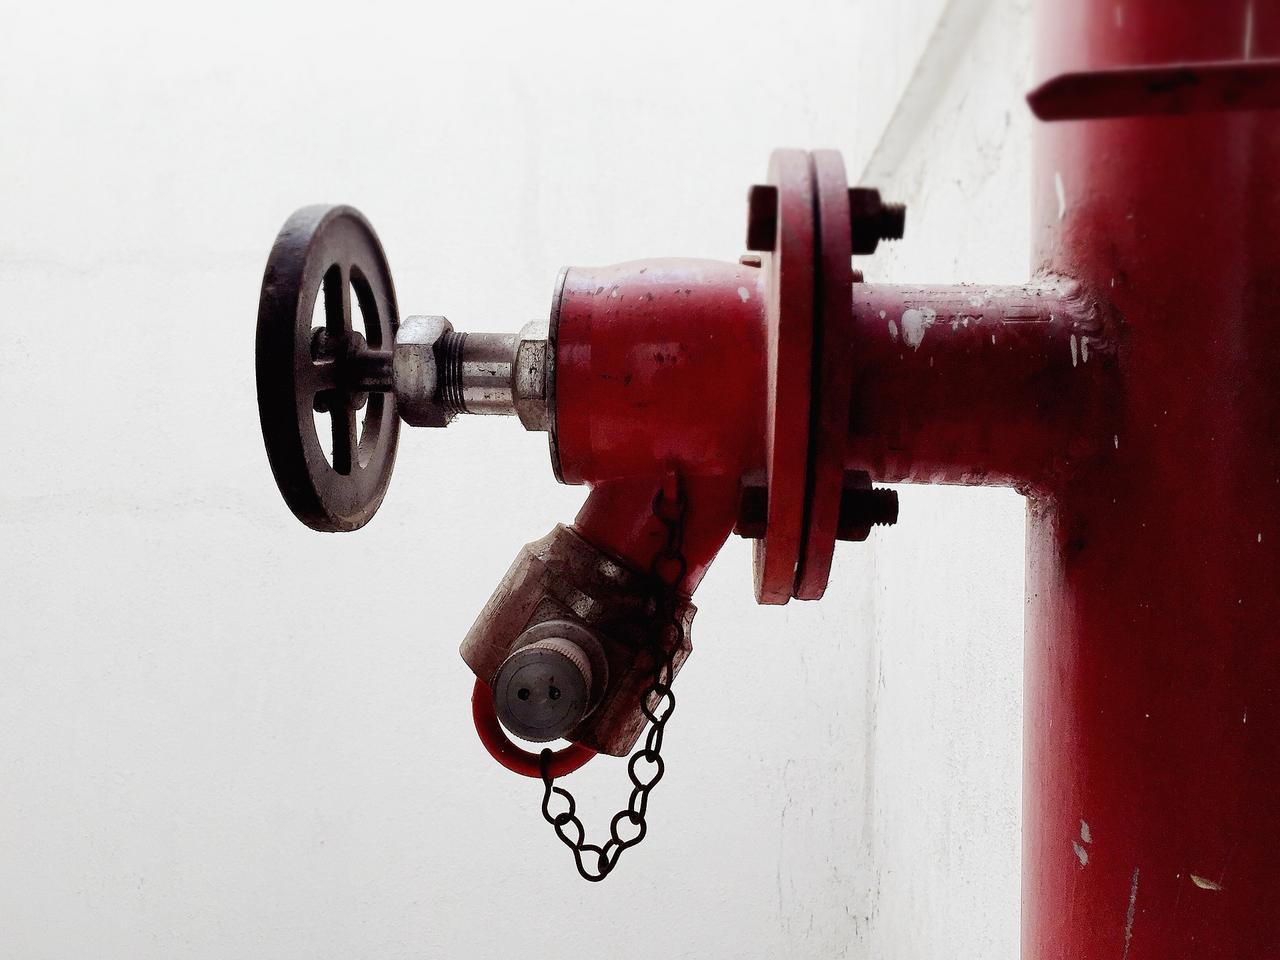 Feuerwehr überprüft die Hydranten